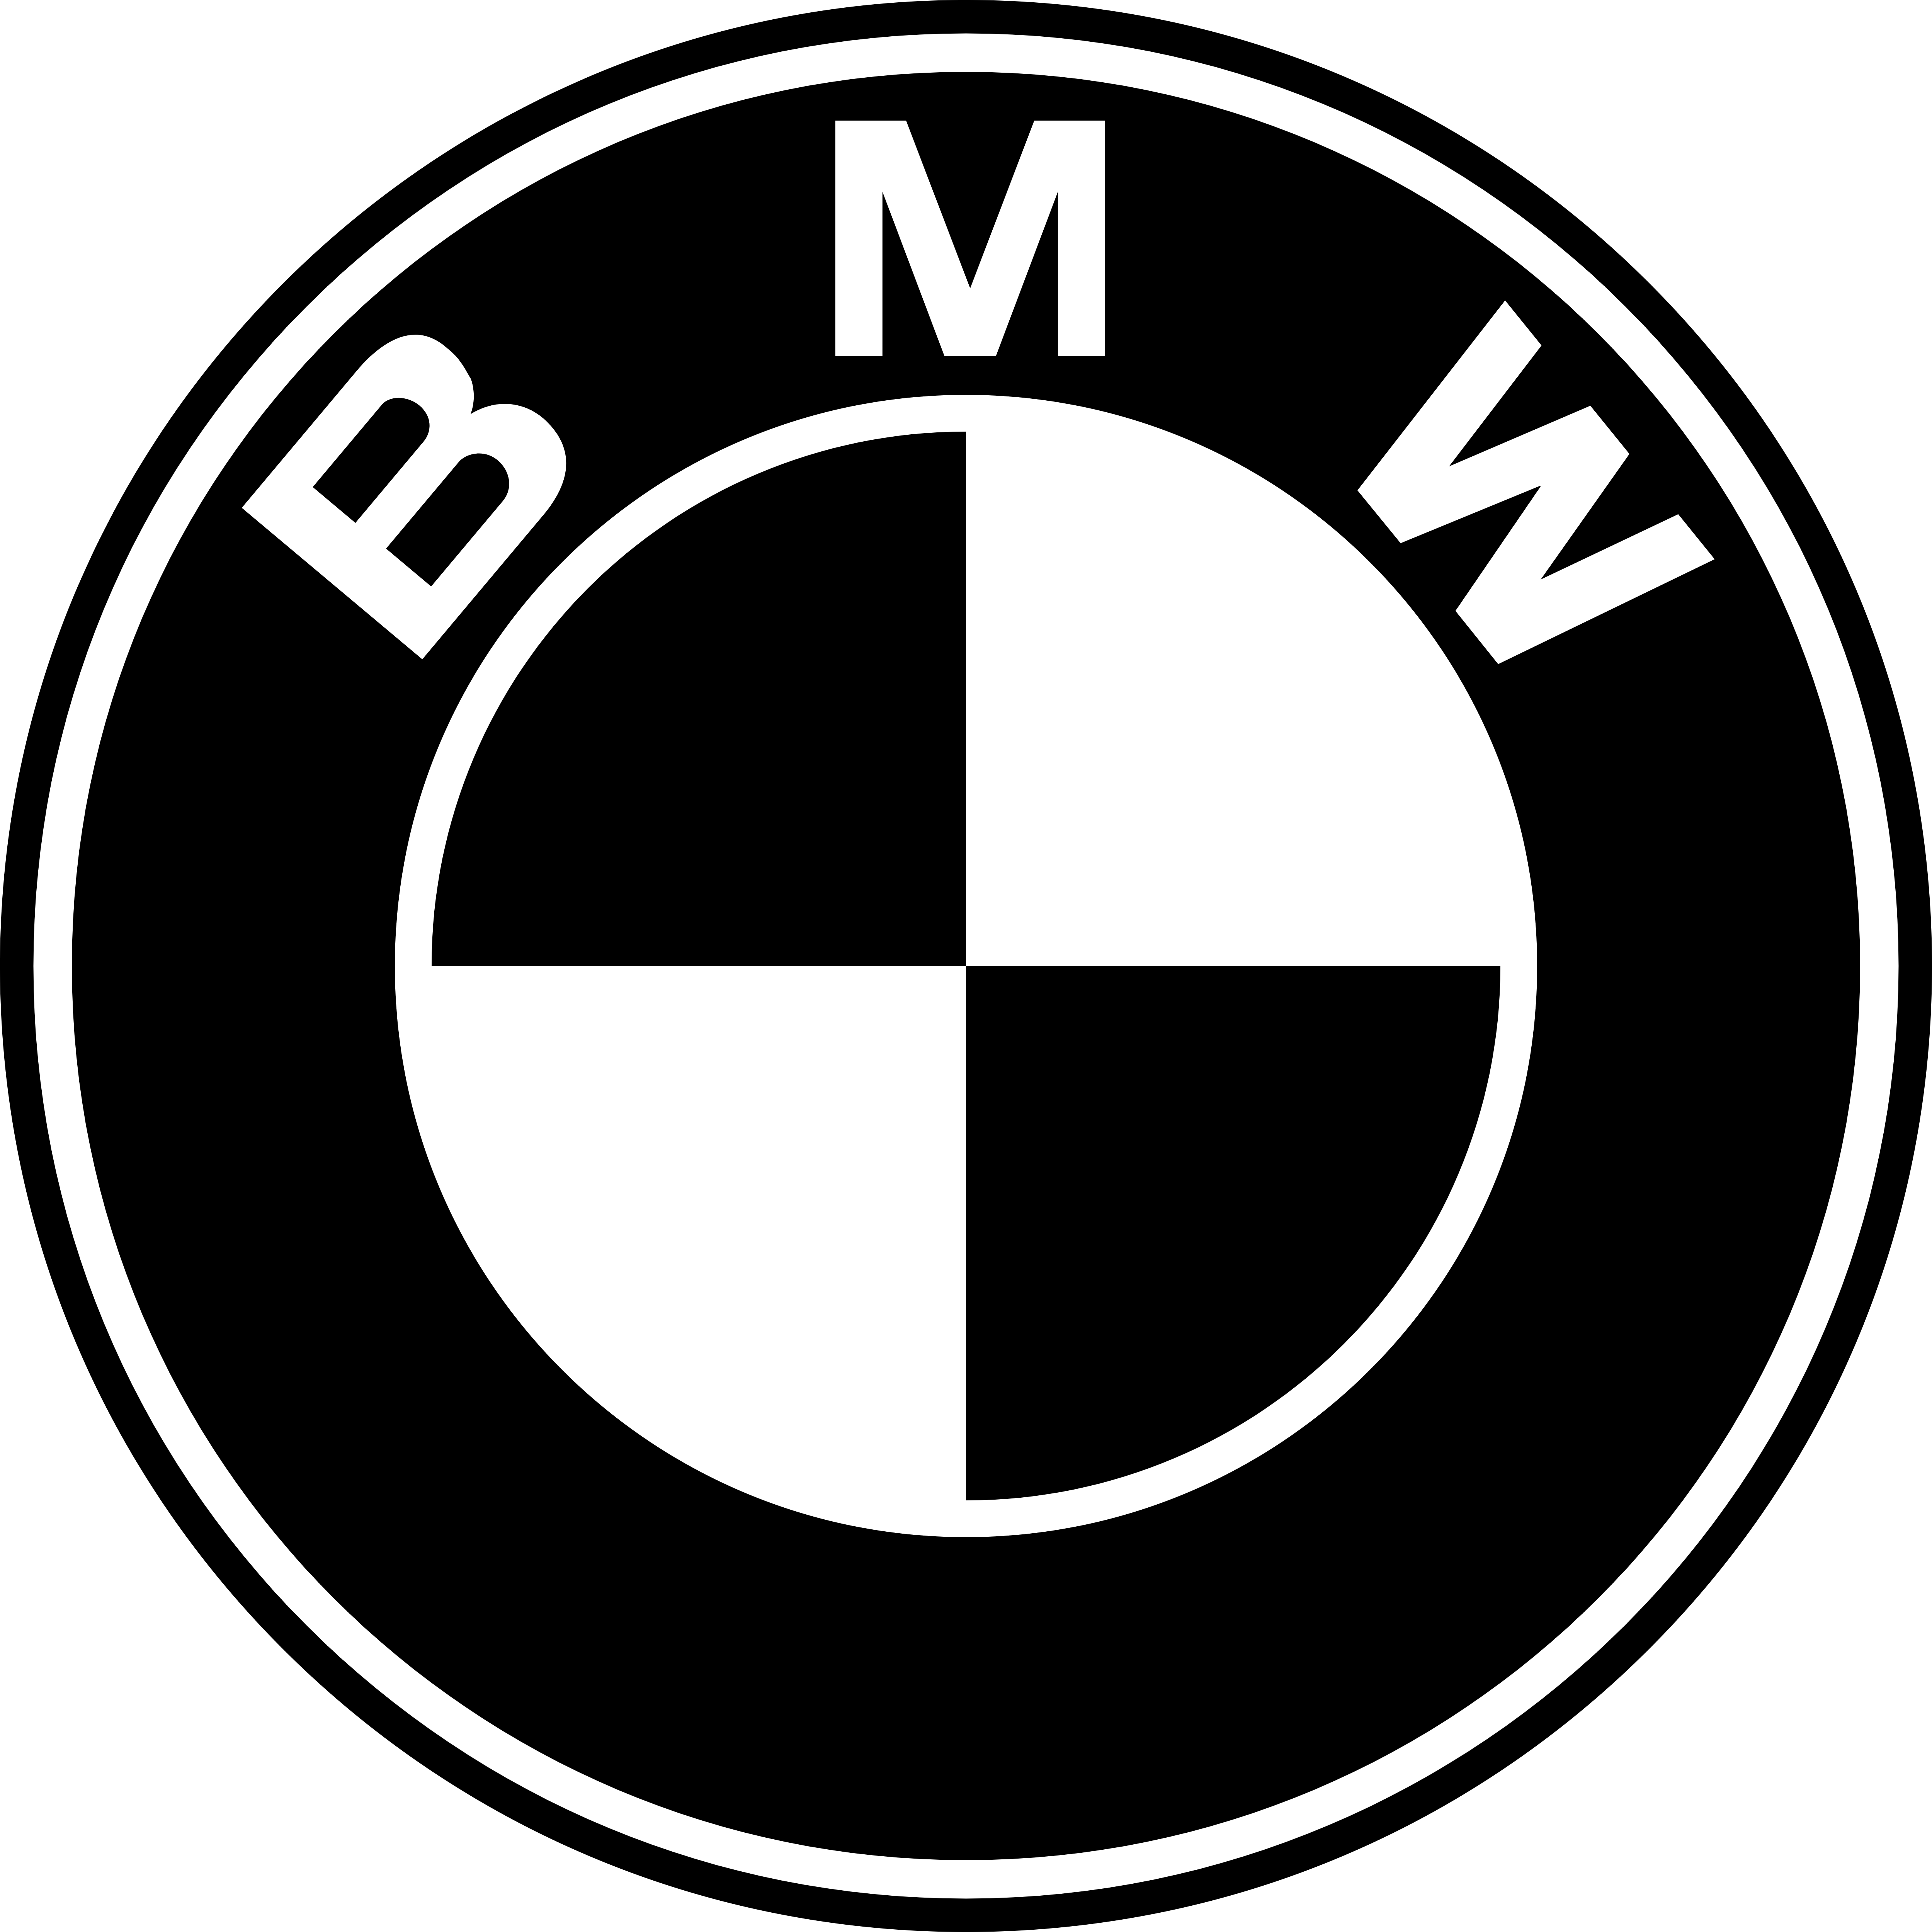 BMW - Logos Download